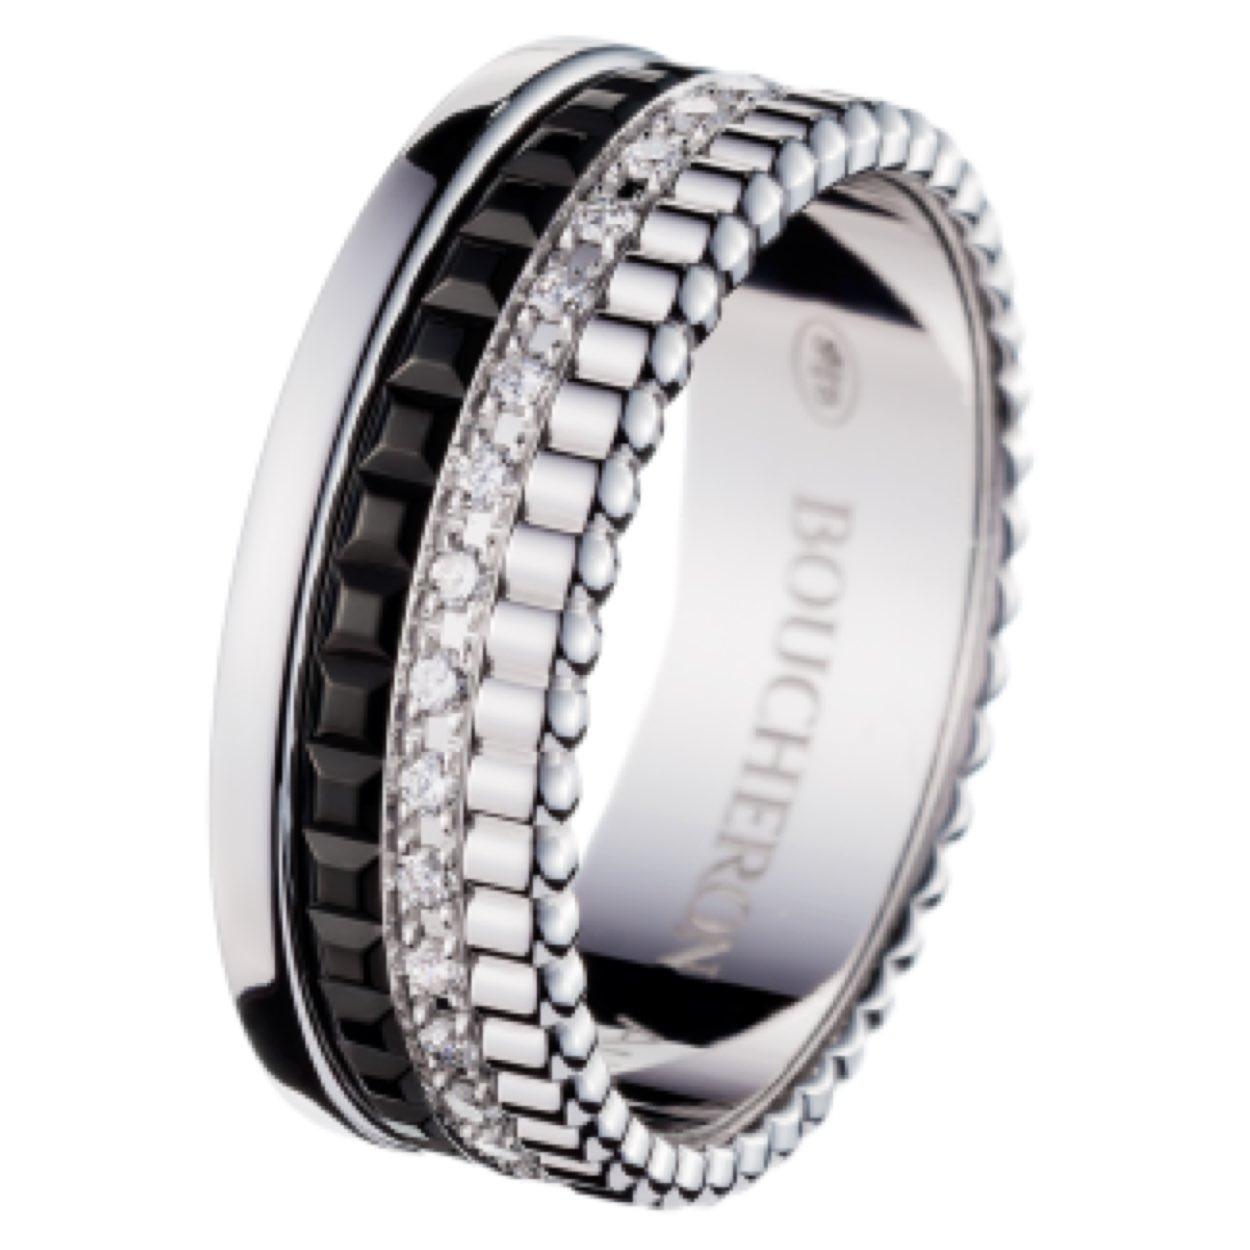 ブラックダイヤモンドリング